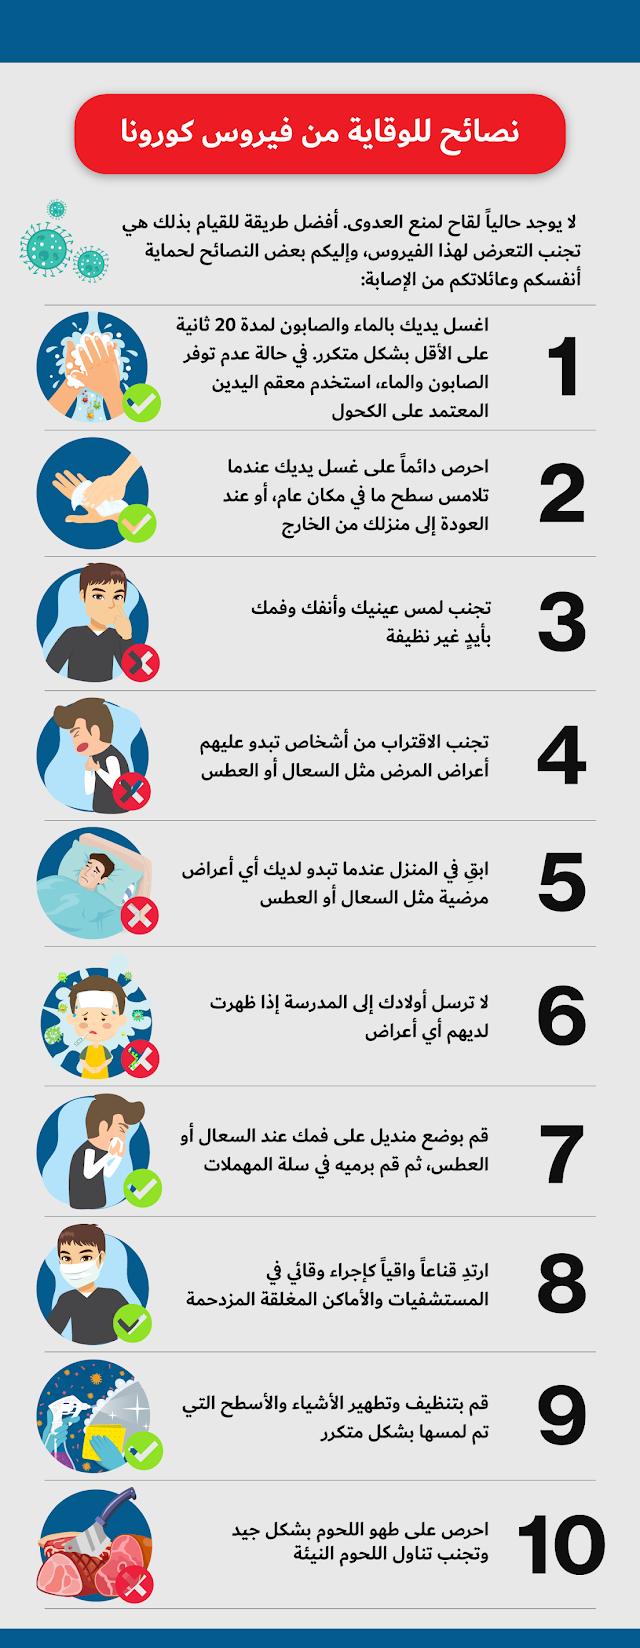 نصائح للوقاية من فيروس كورونا CoronoVirus-Infograph